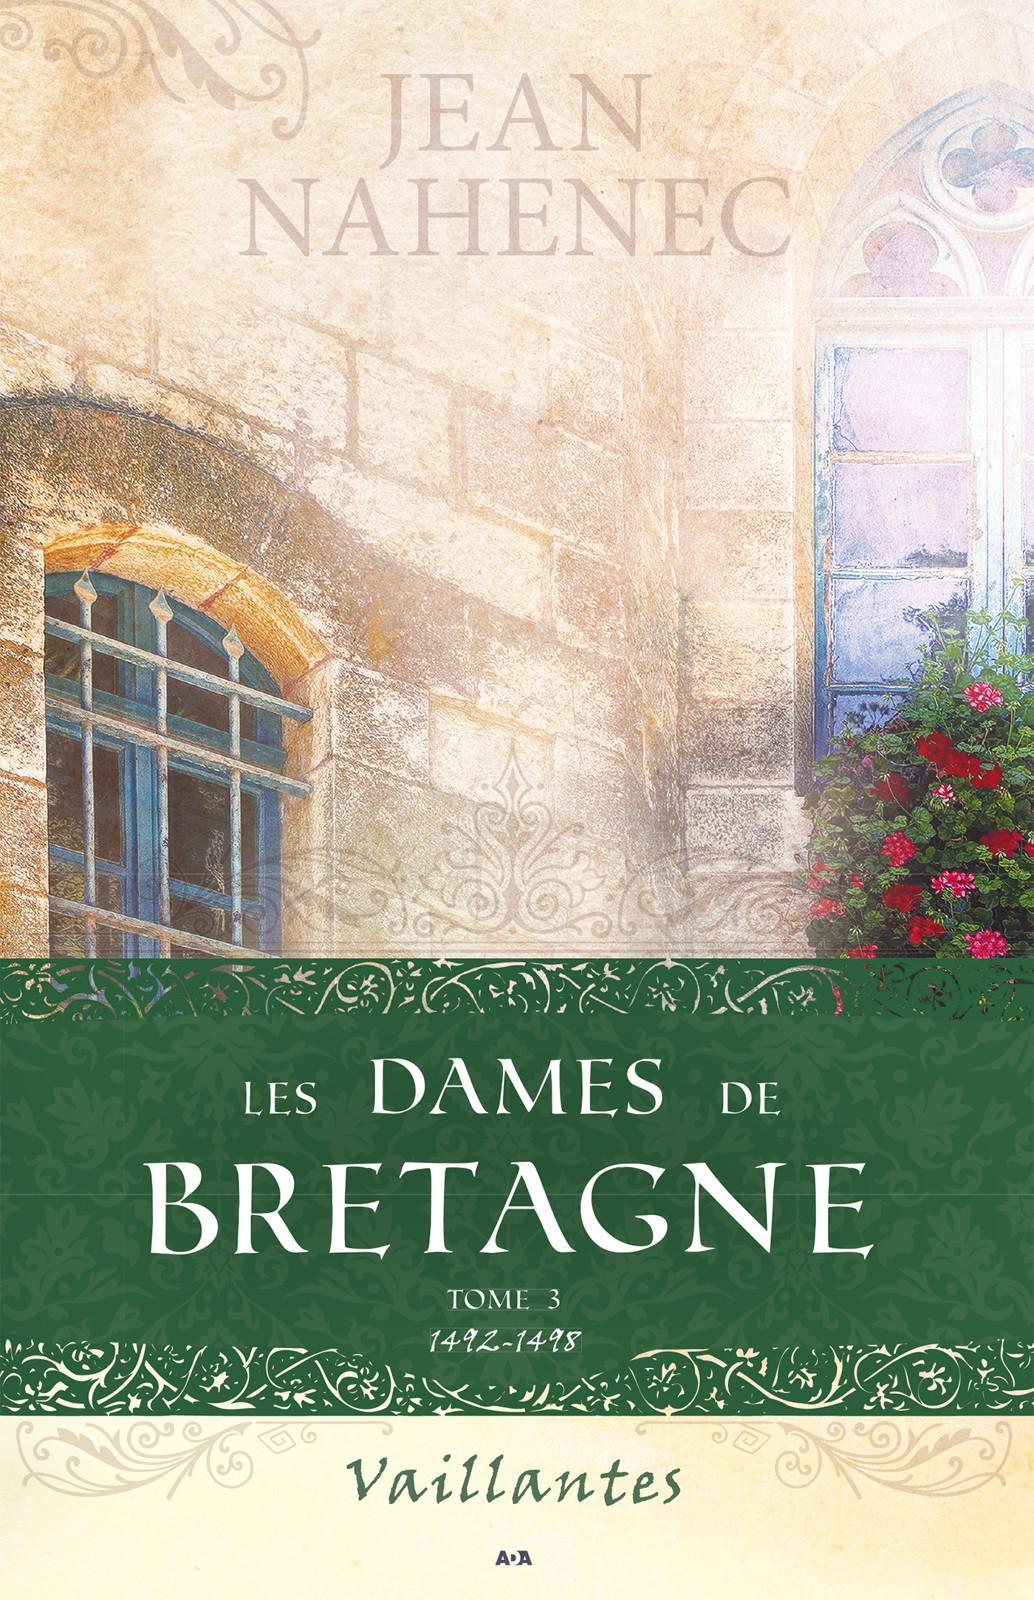 Les dames de Bretagne